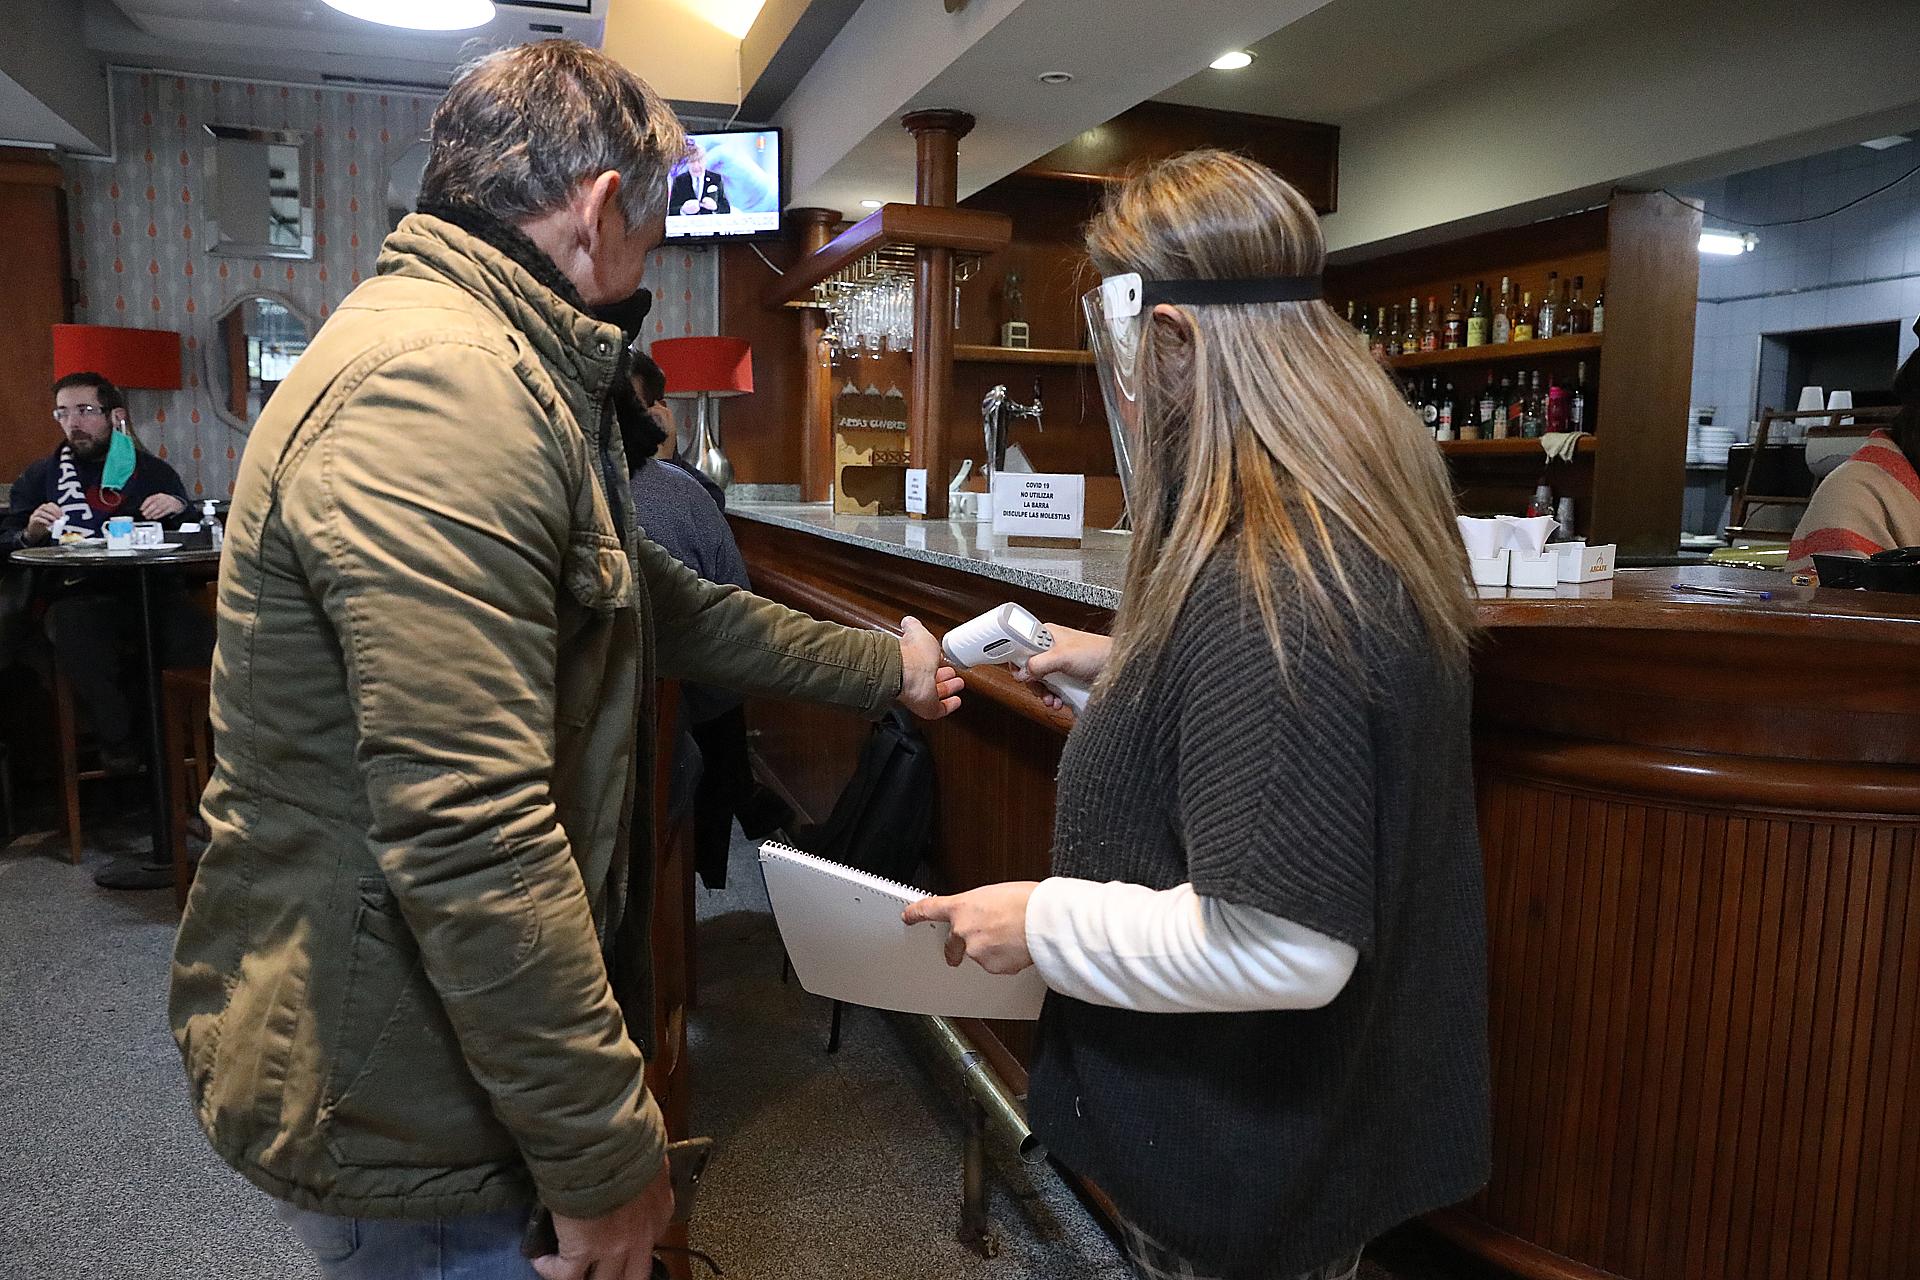 Los bares y restaurantes de Córdoba reabrieron sus puertas con un estricto protocolo sanitario y de higiene. El objetivo: evitar contagios de COVID-19